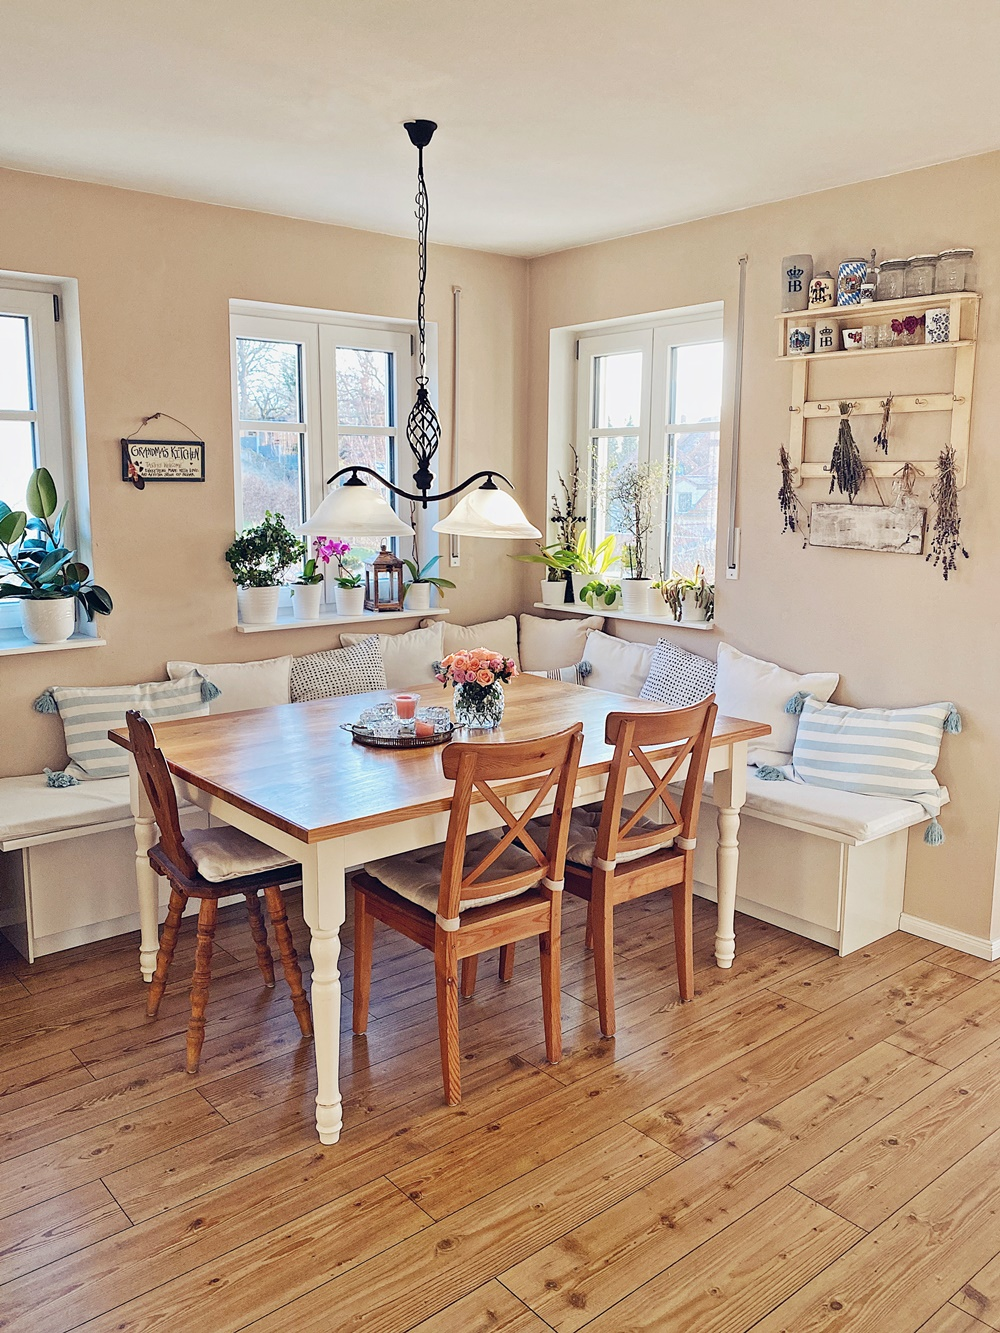 #wirbleibenzuhause - Dinge, die man zu Hause machen kann